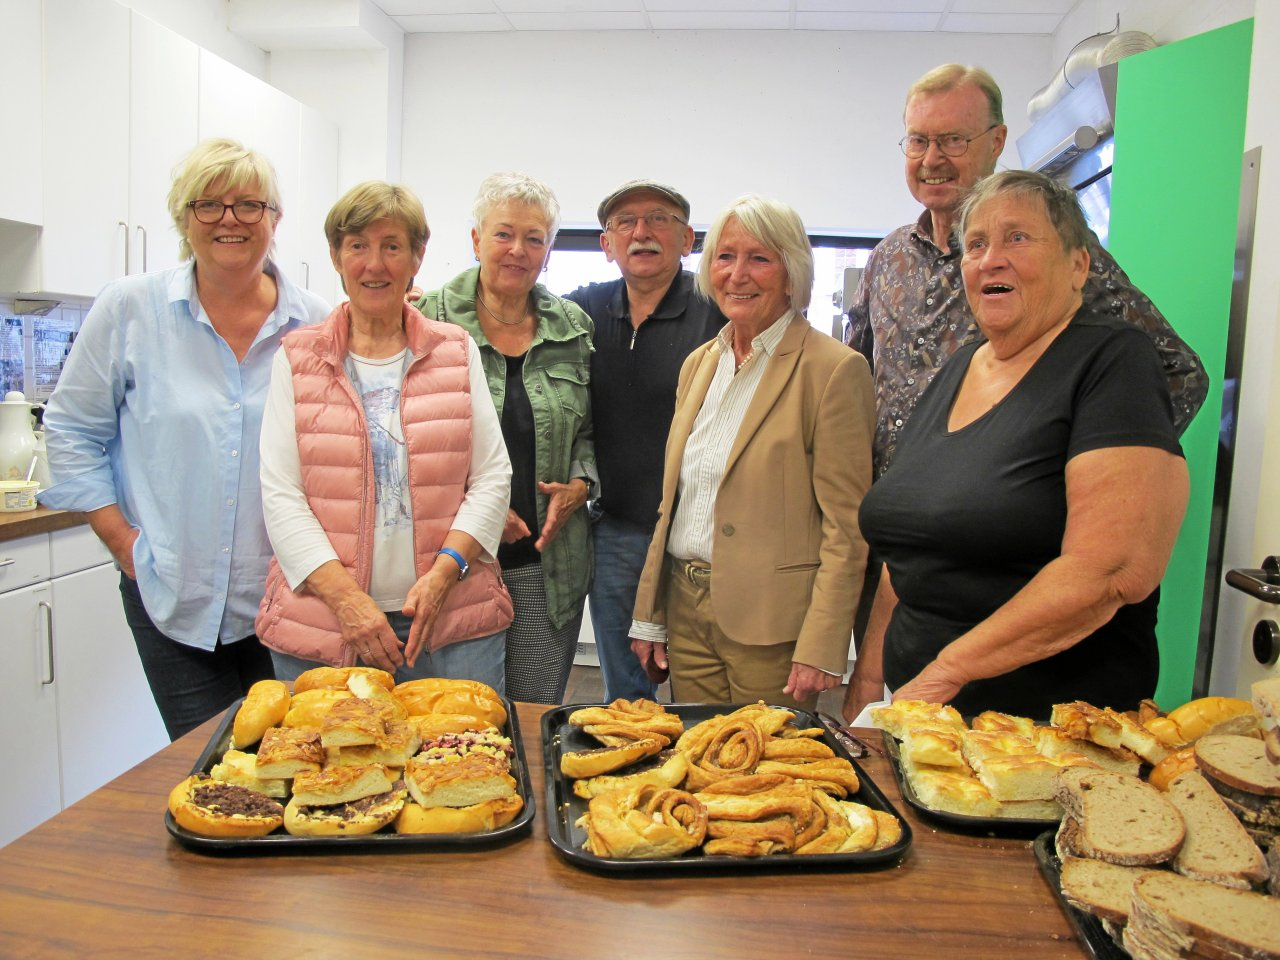 Die Ehrenamtlichen der Suppenküche in Wolfenbüttel sorgen dafür, dass Bedürftige im Sommer ein Frühstück und im Winter eine warme Mahlzeit bekommen.